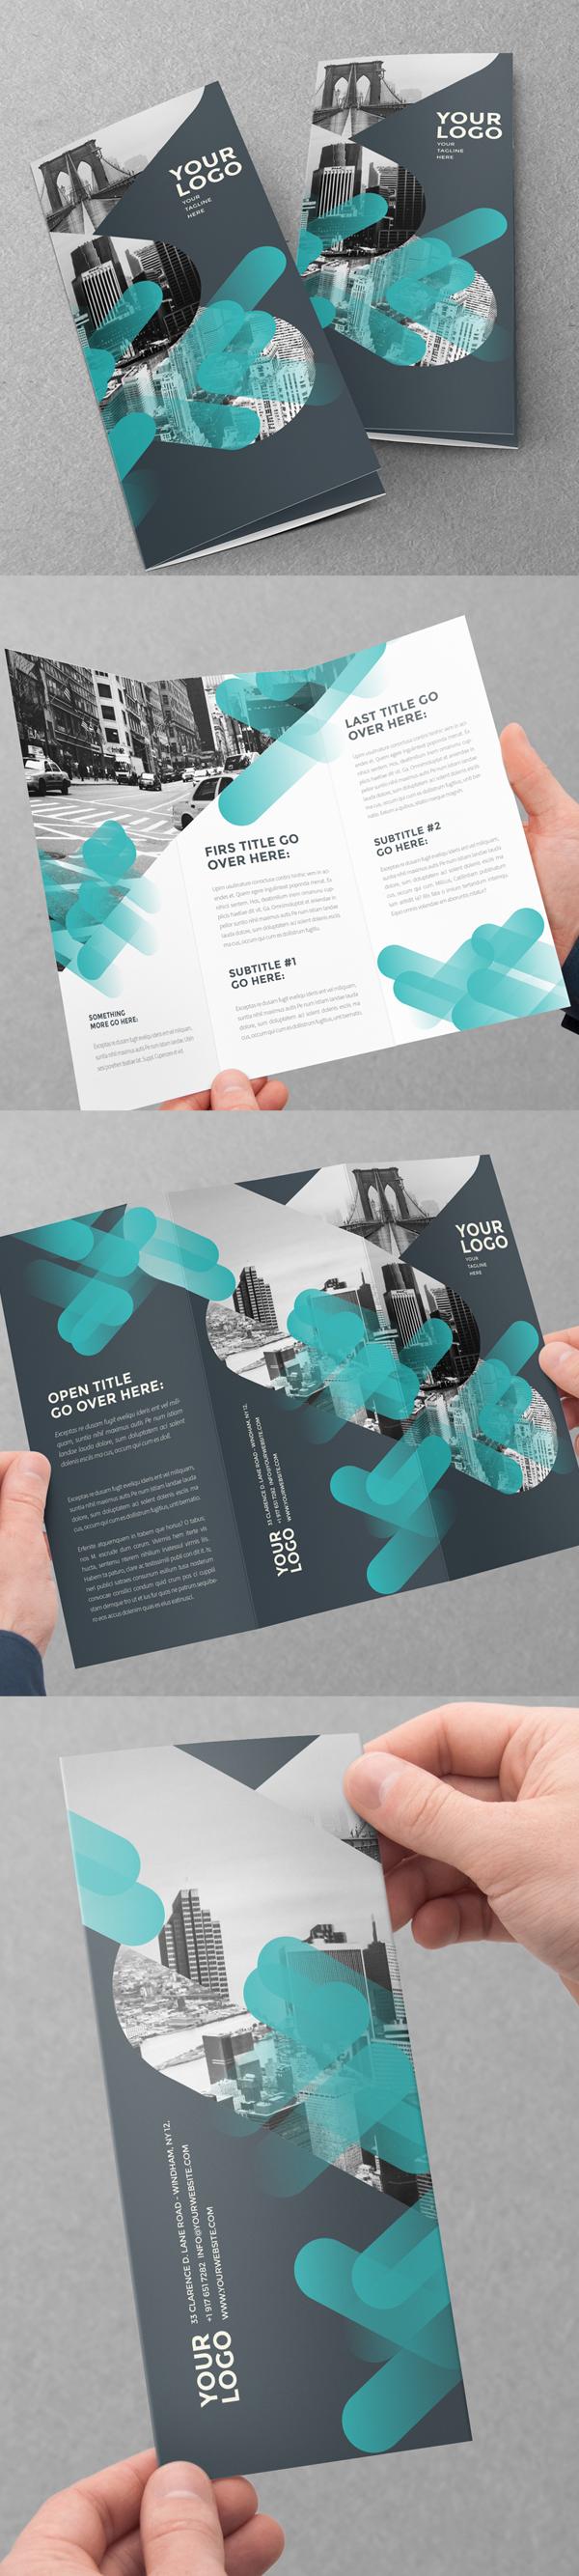 上海画册设计公司创意画册-现代创意三栏式小册子设计模版